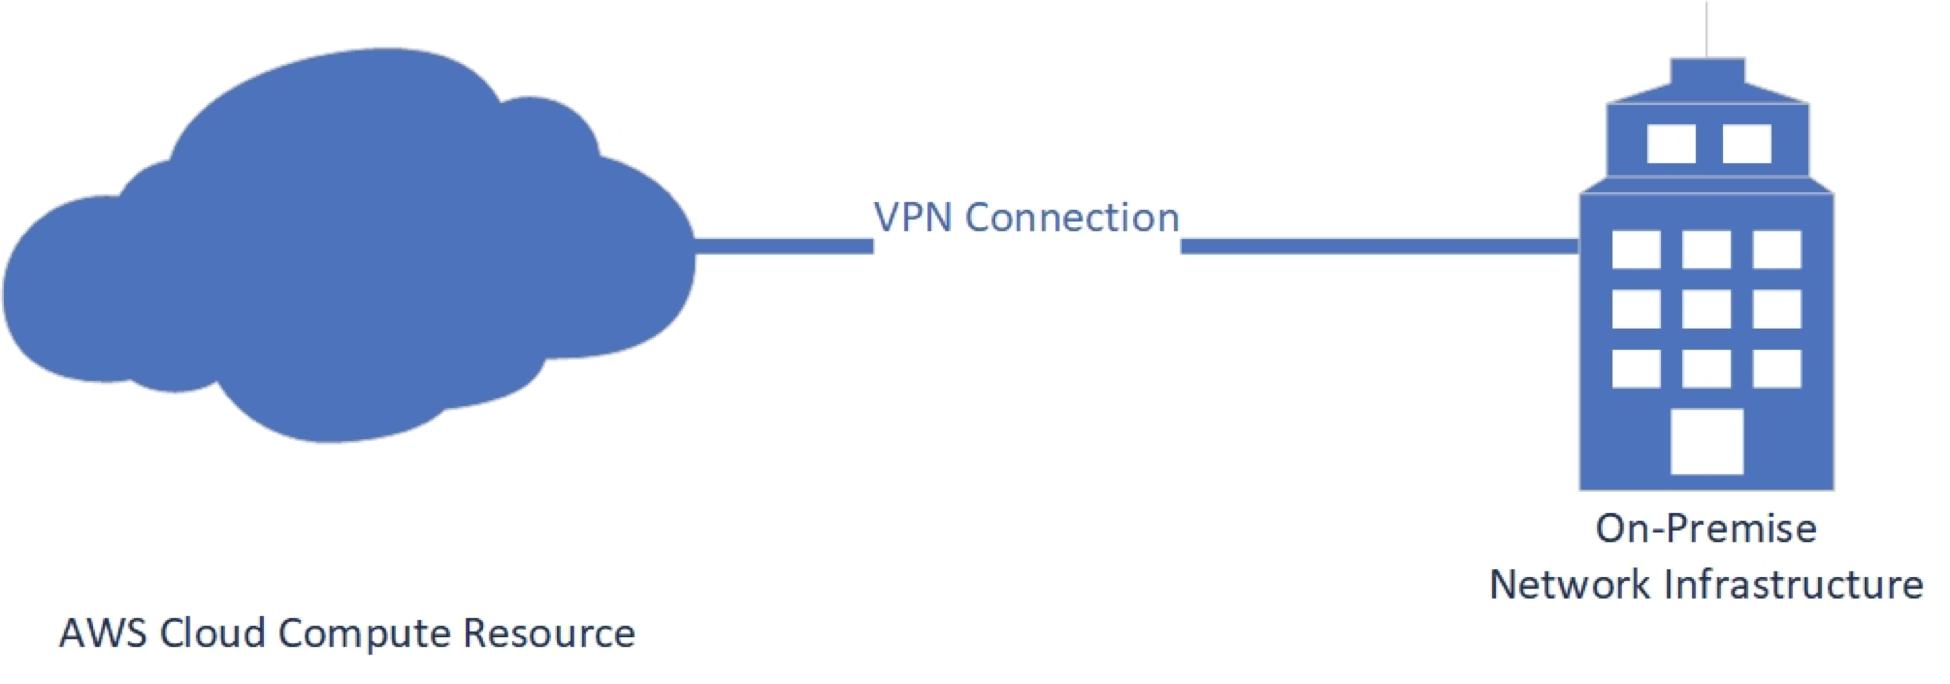 使用 AWS IoT 来构建全球性的物联网解决方案